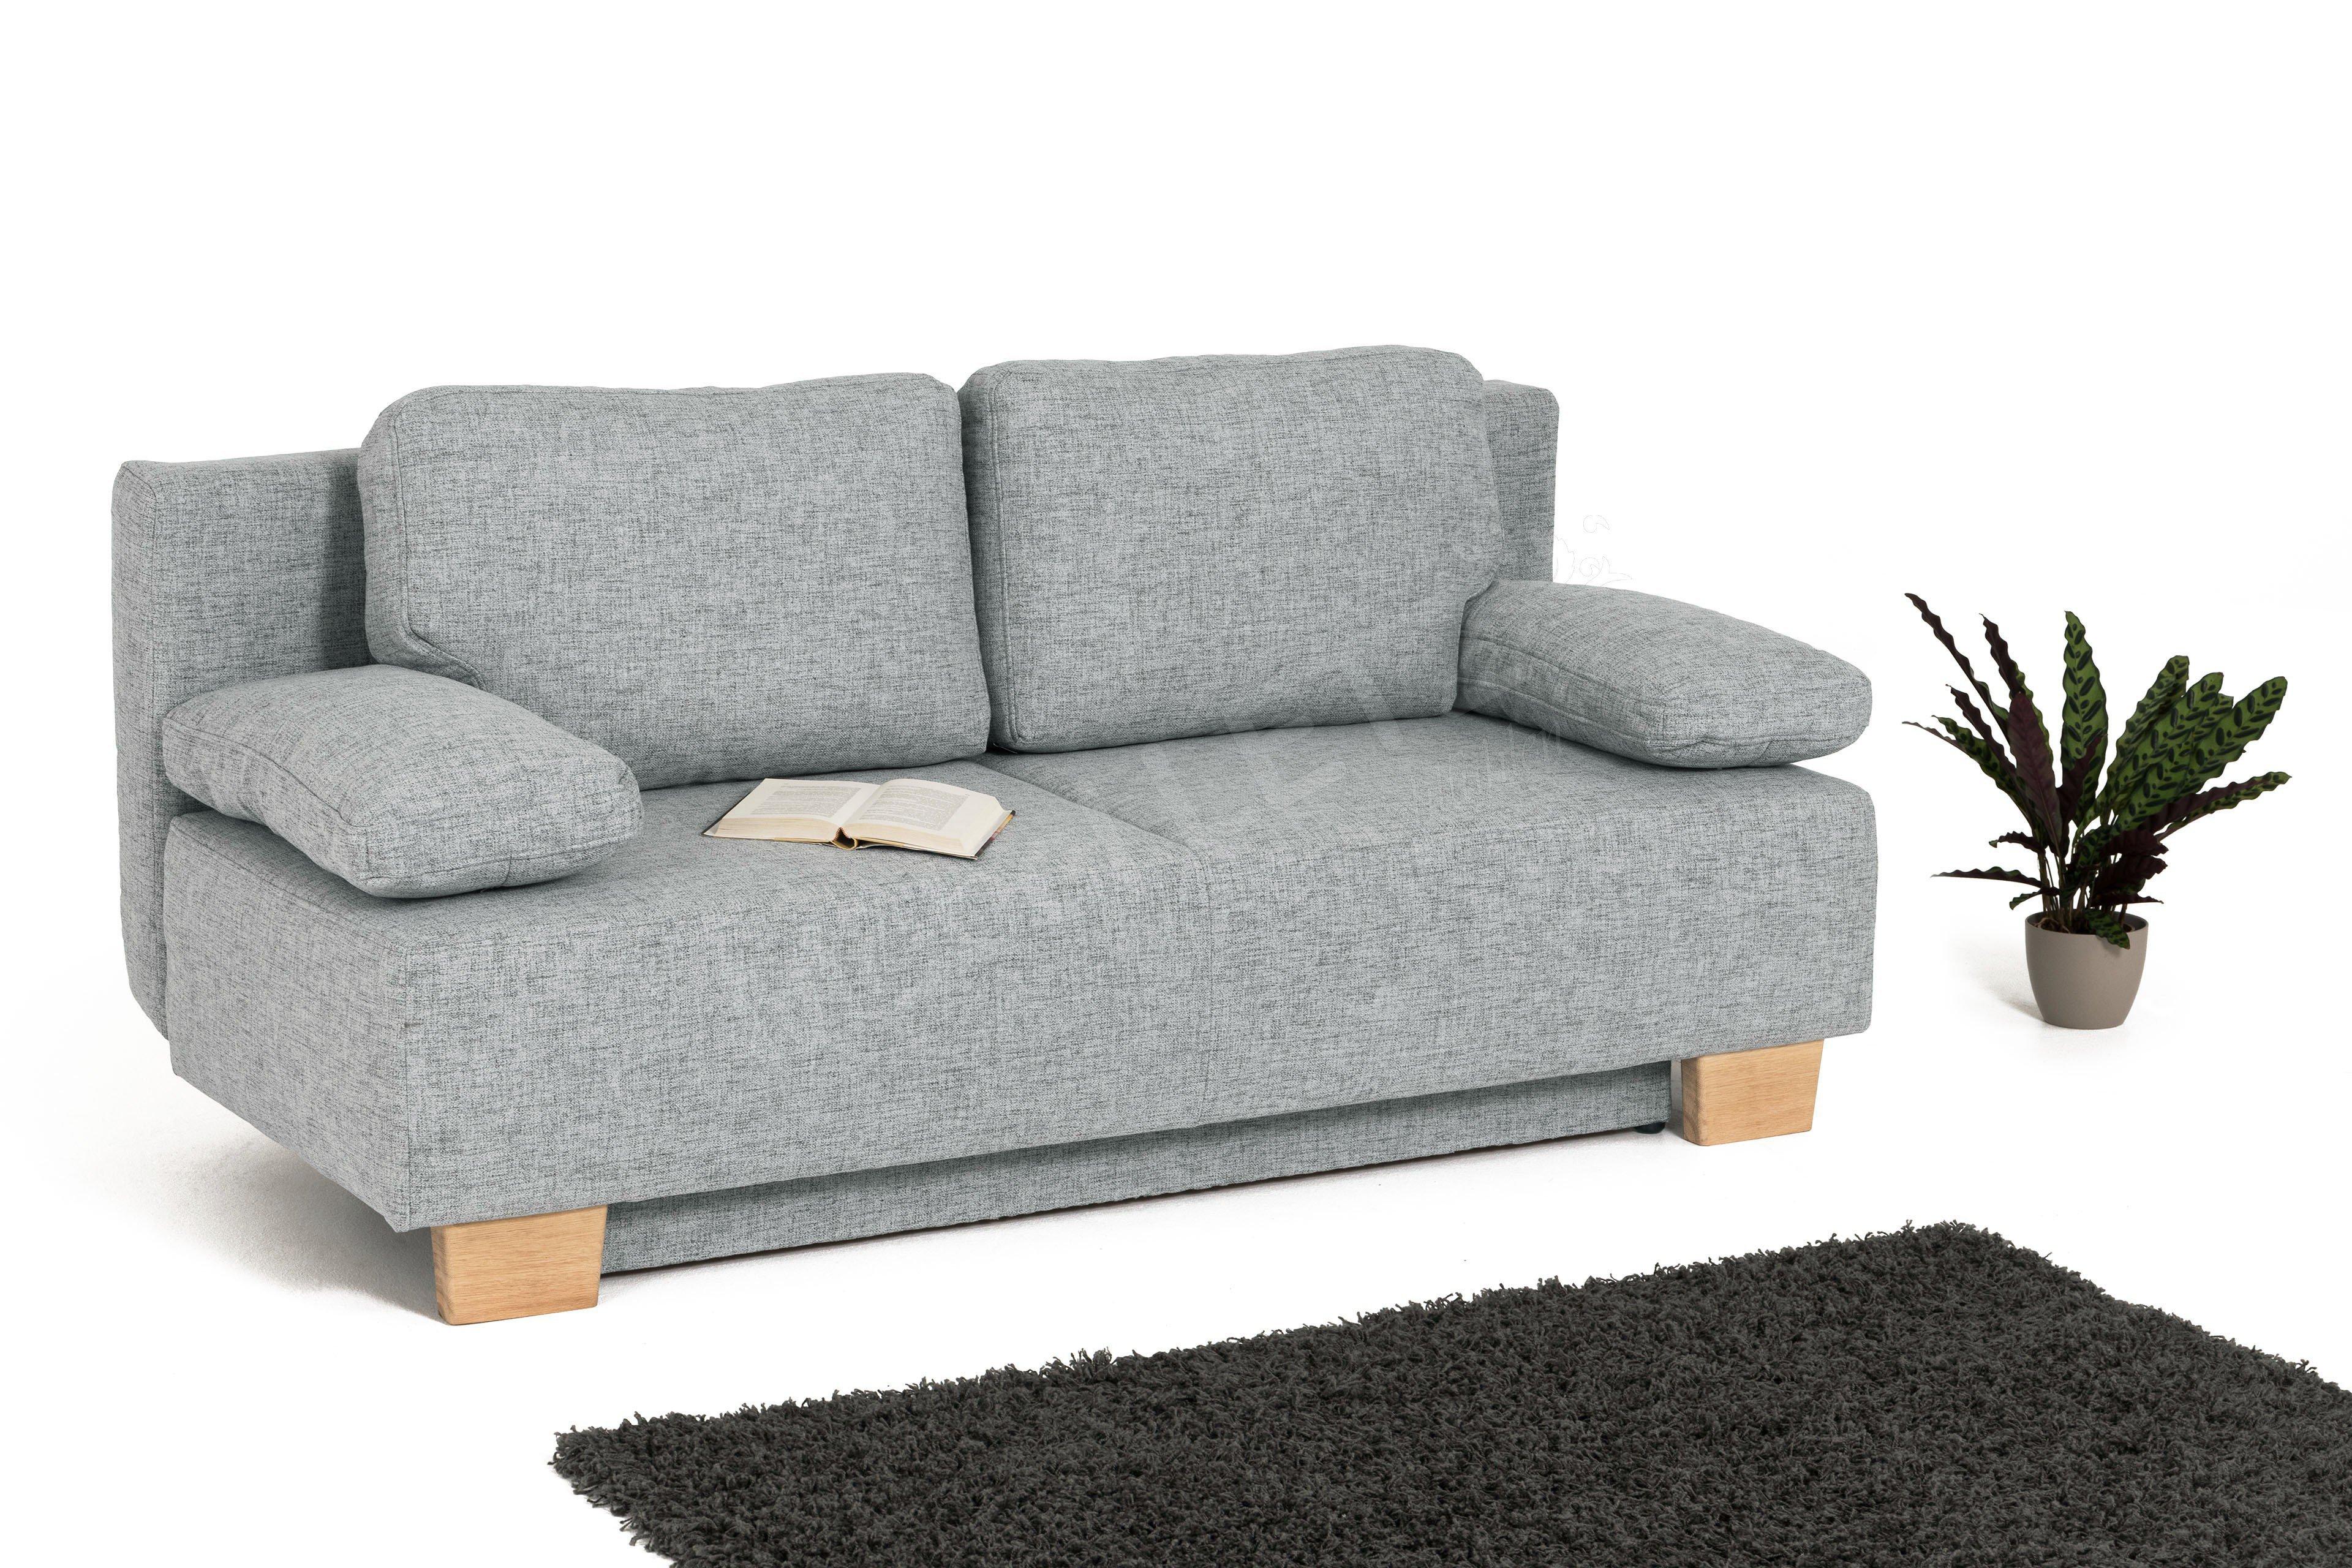 schlafsofa damian in hellgrau inklusive bettkasten m bel letz ihr online shop. Black Bedroom Furniture Sets. Home Design Ideas